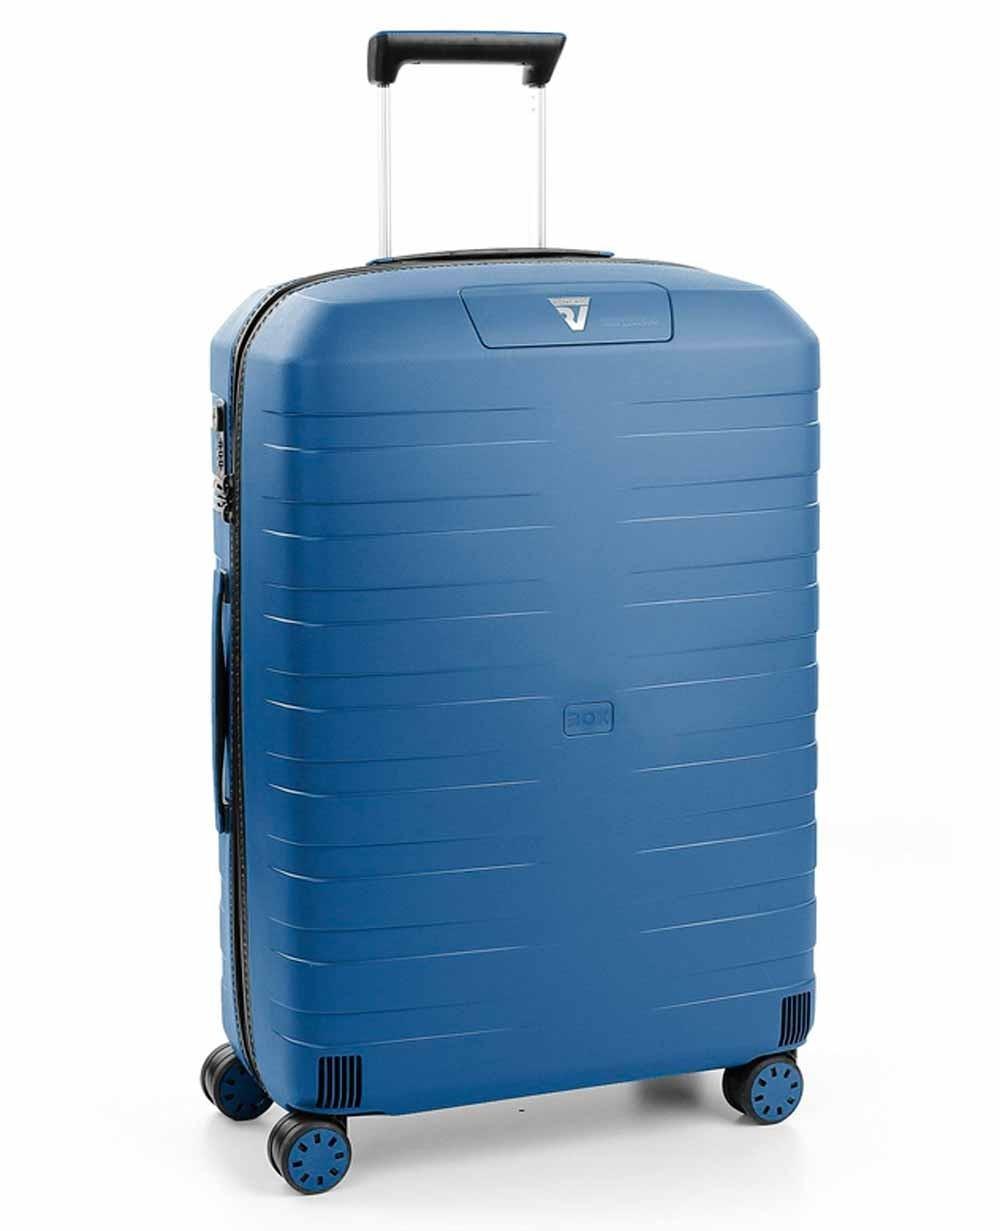 Roncato Box 2.0 Maleta mediana Azul Marino (Foto )